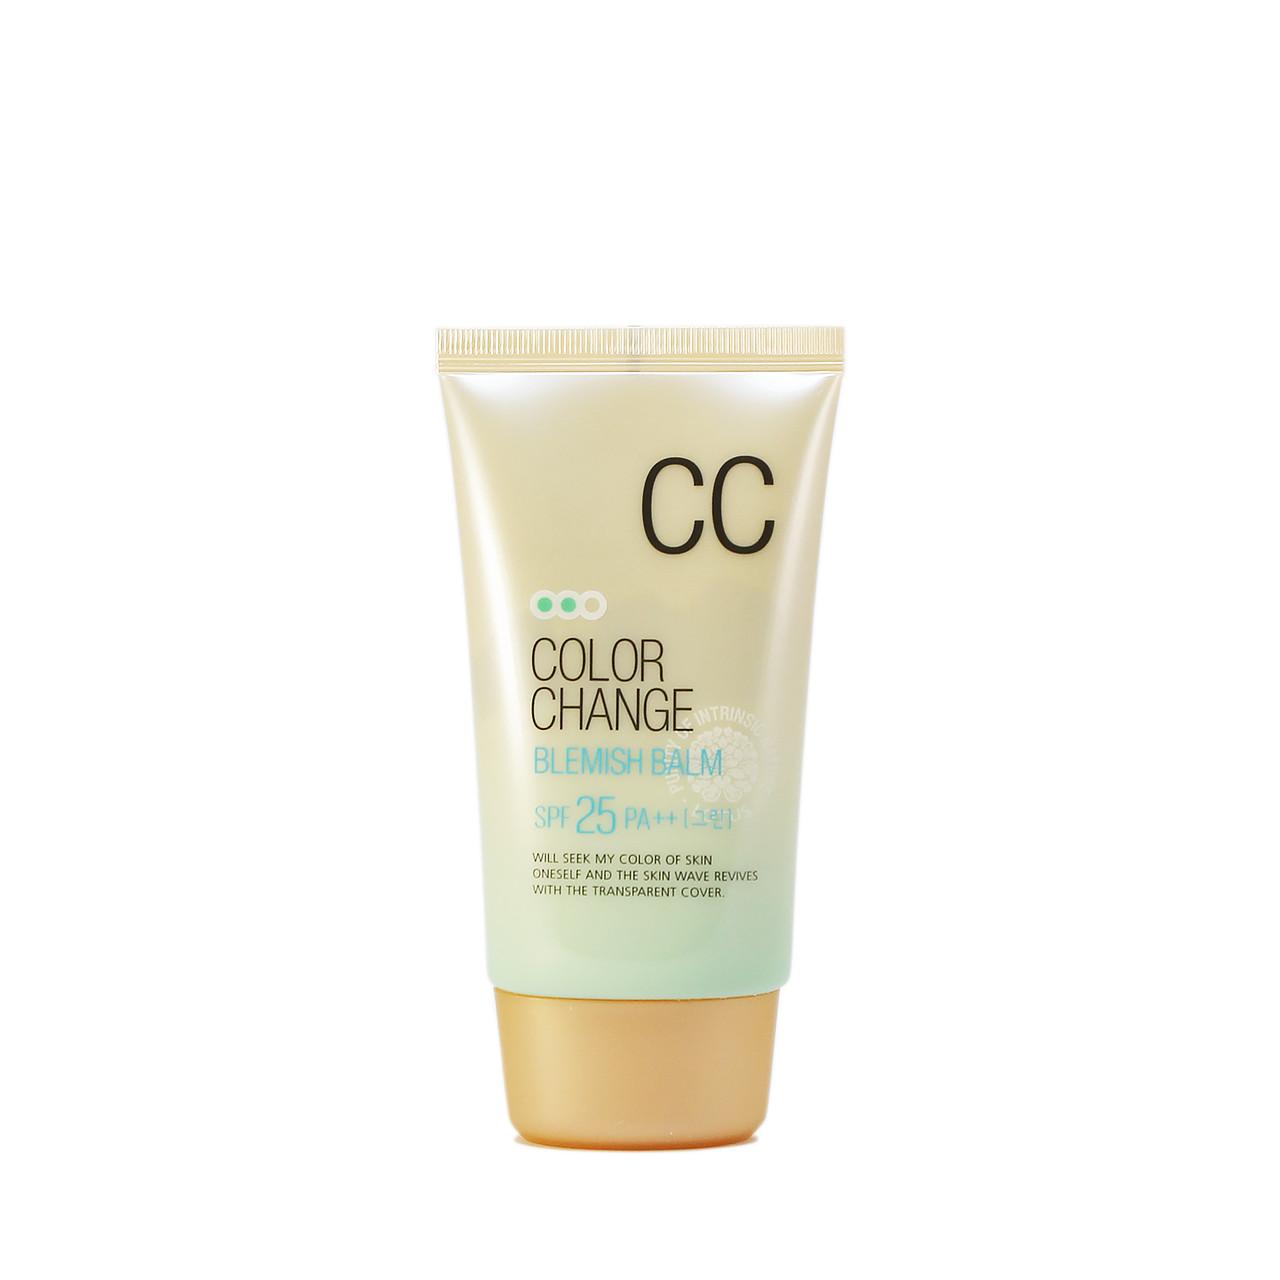 Welcos Color Change CC-cream SPF 25 PA++ Тональный СС-крем c технологией цветных капсул 50 мл